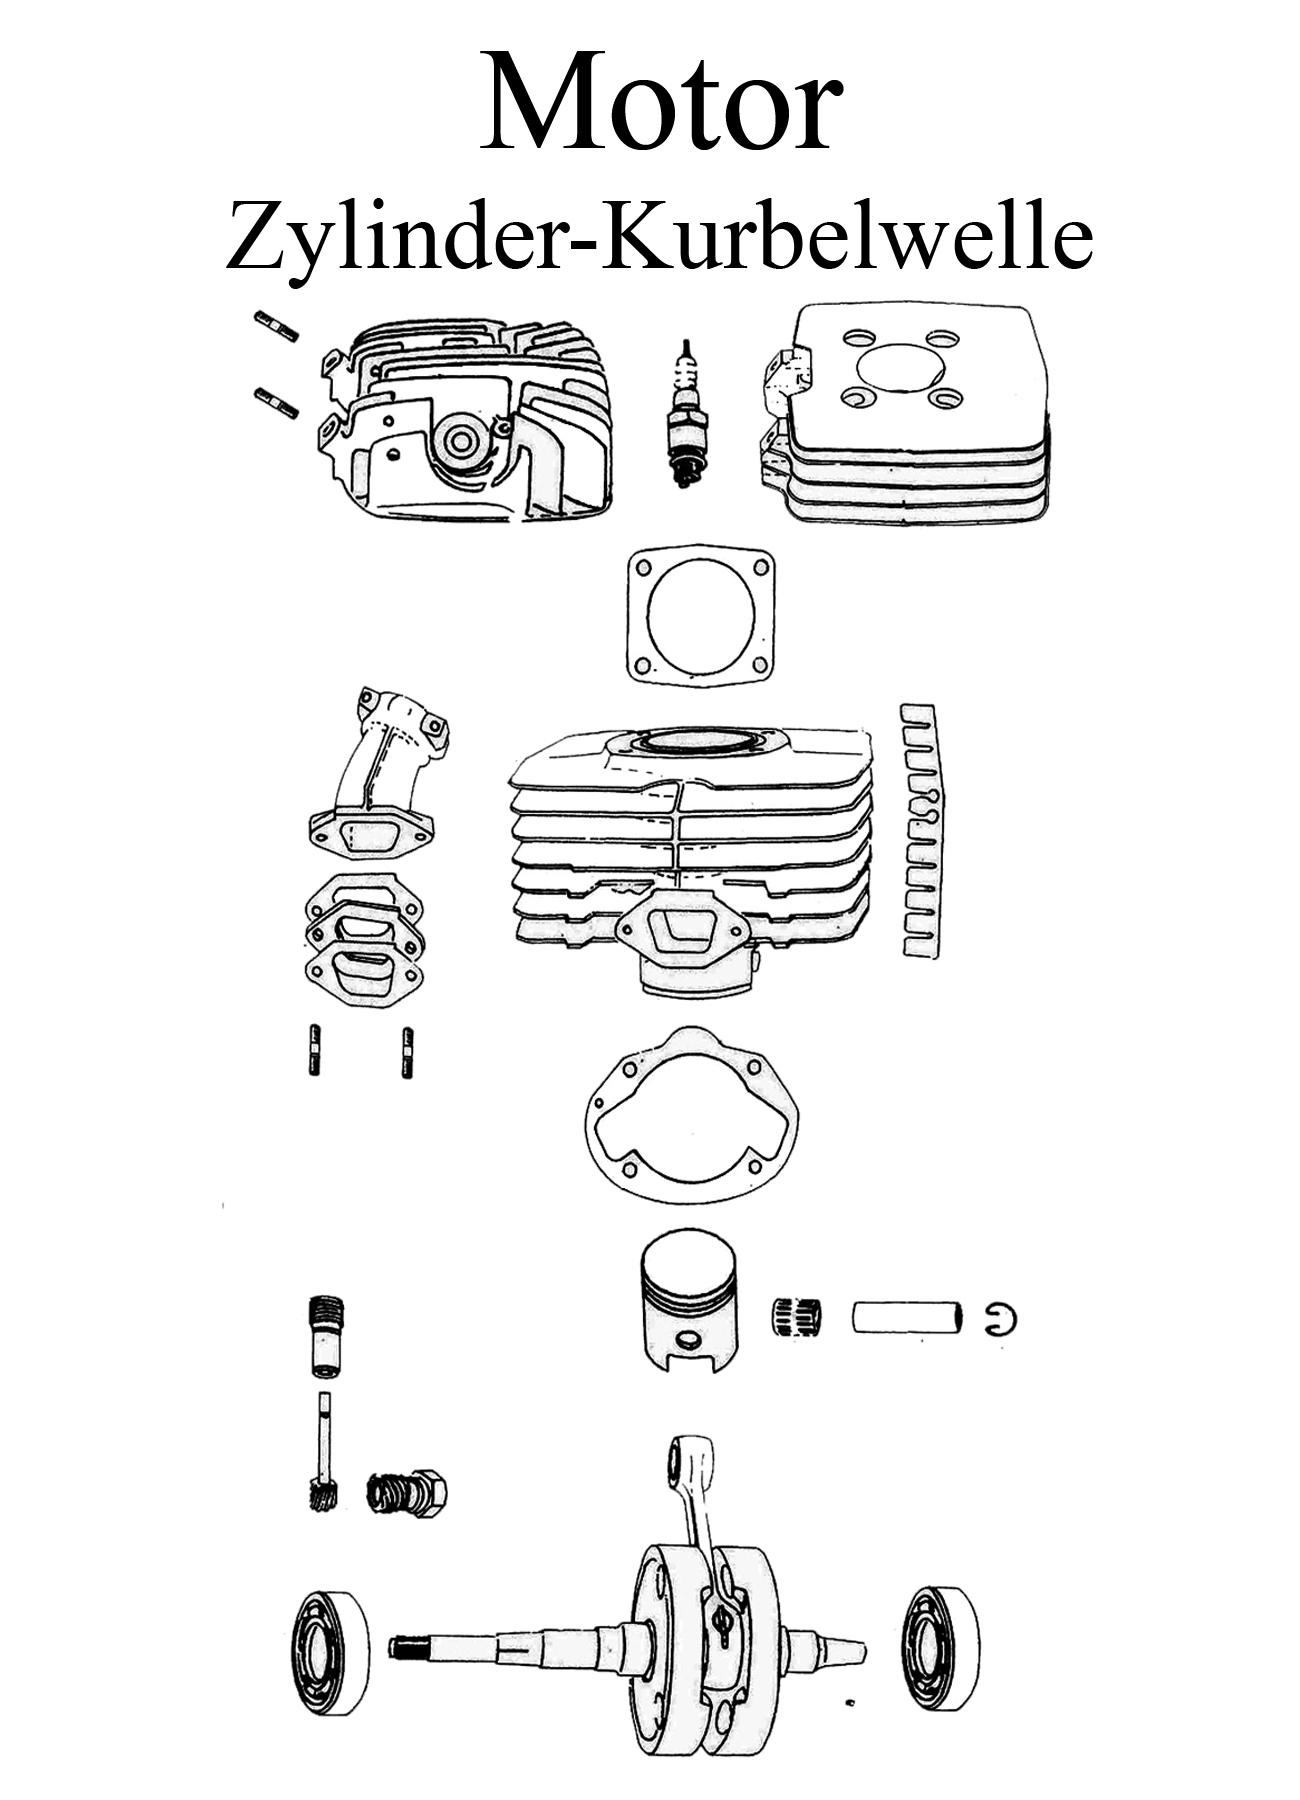 MZ TS 250/0-1 Ersatzteile Motor Zylinder Kurbelwelle